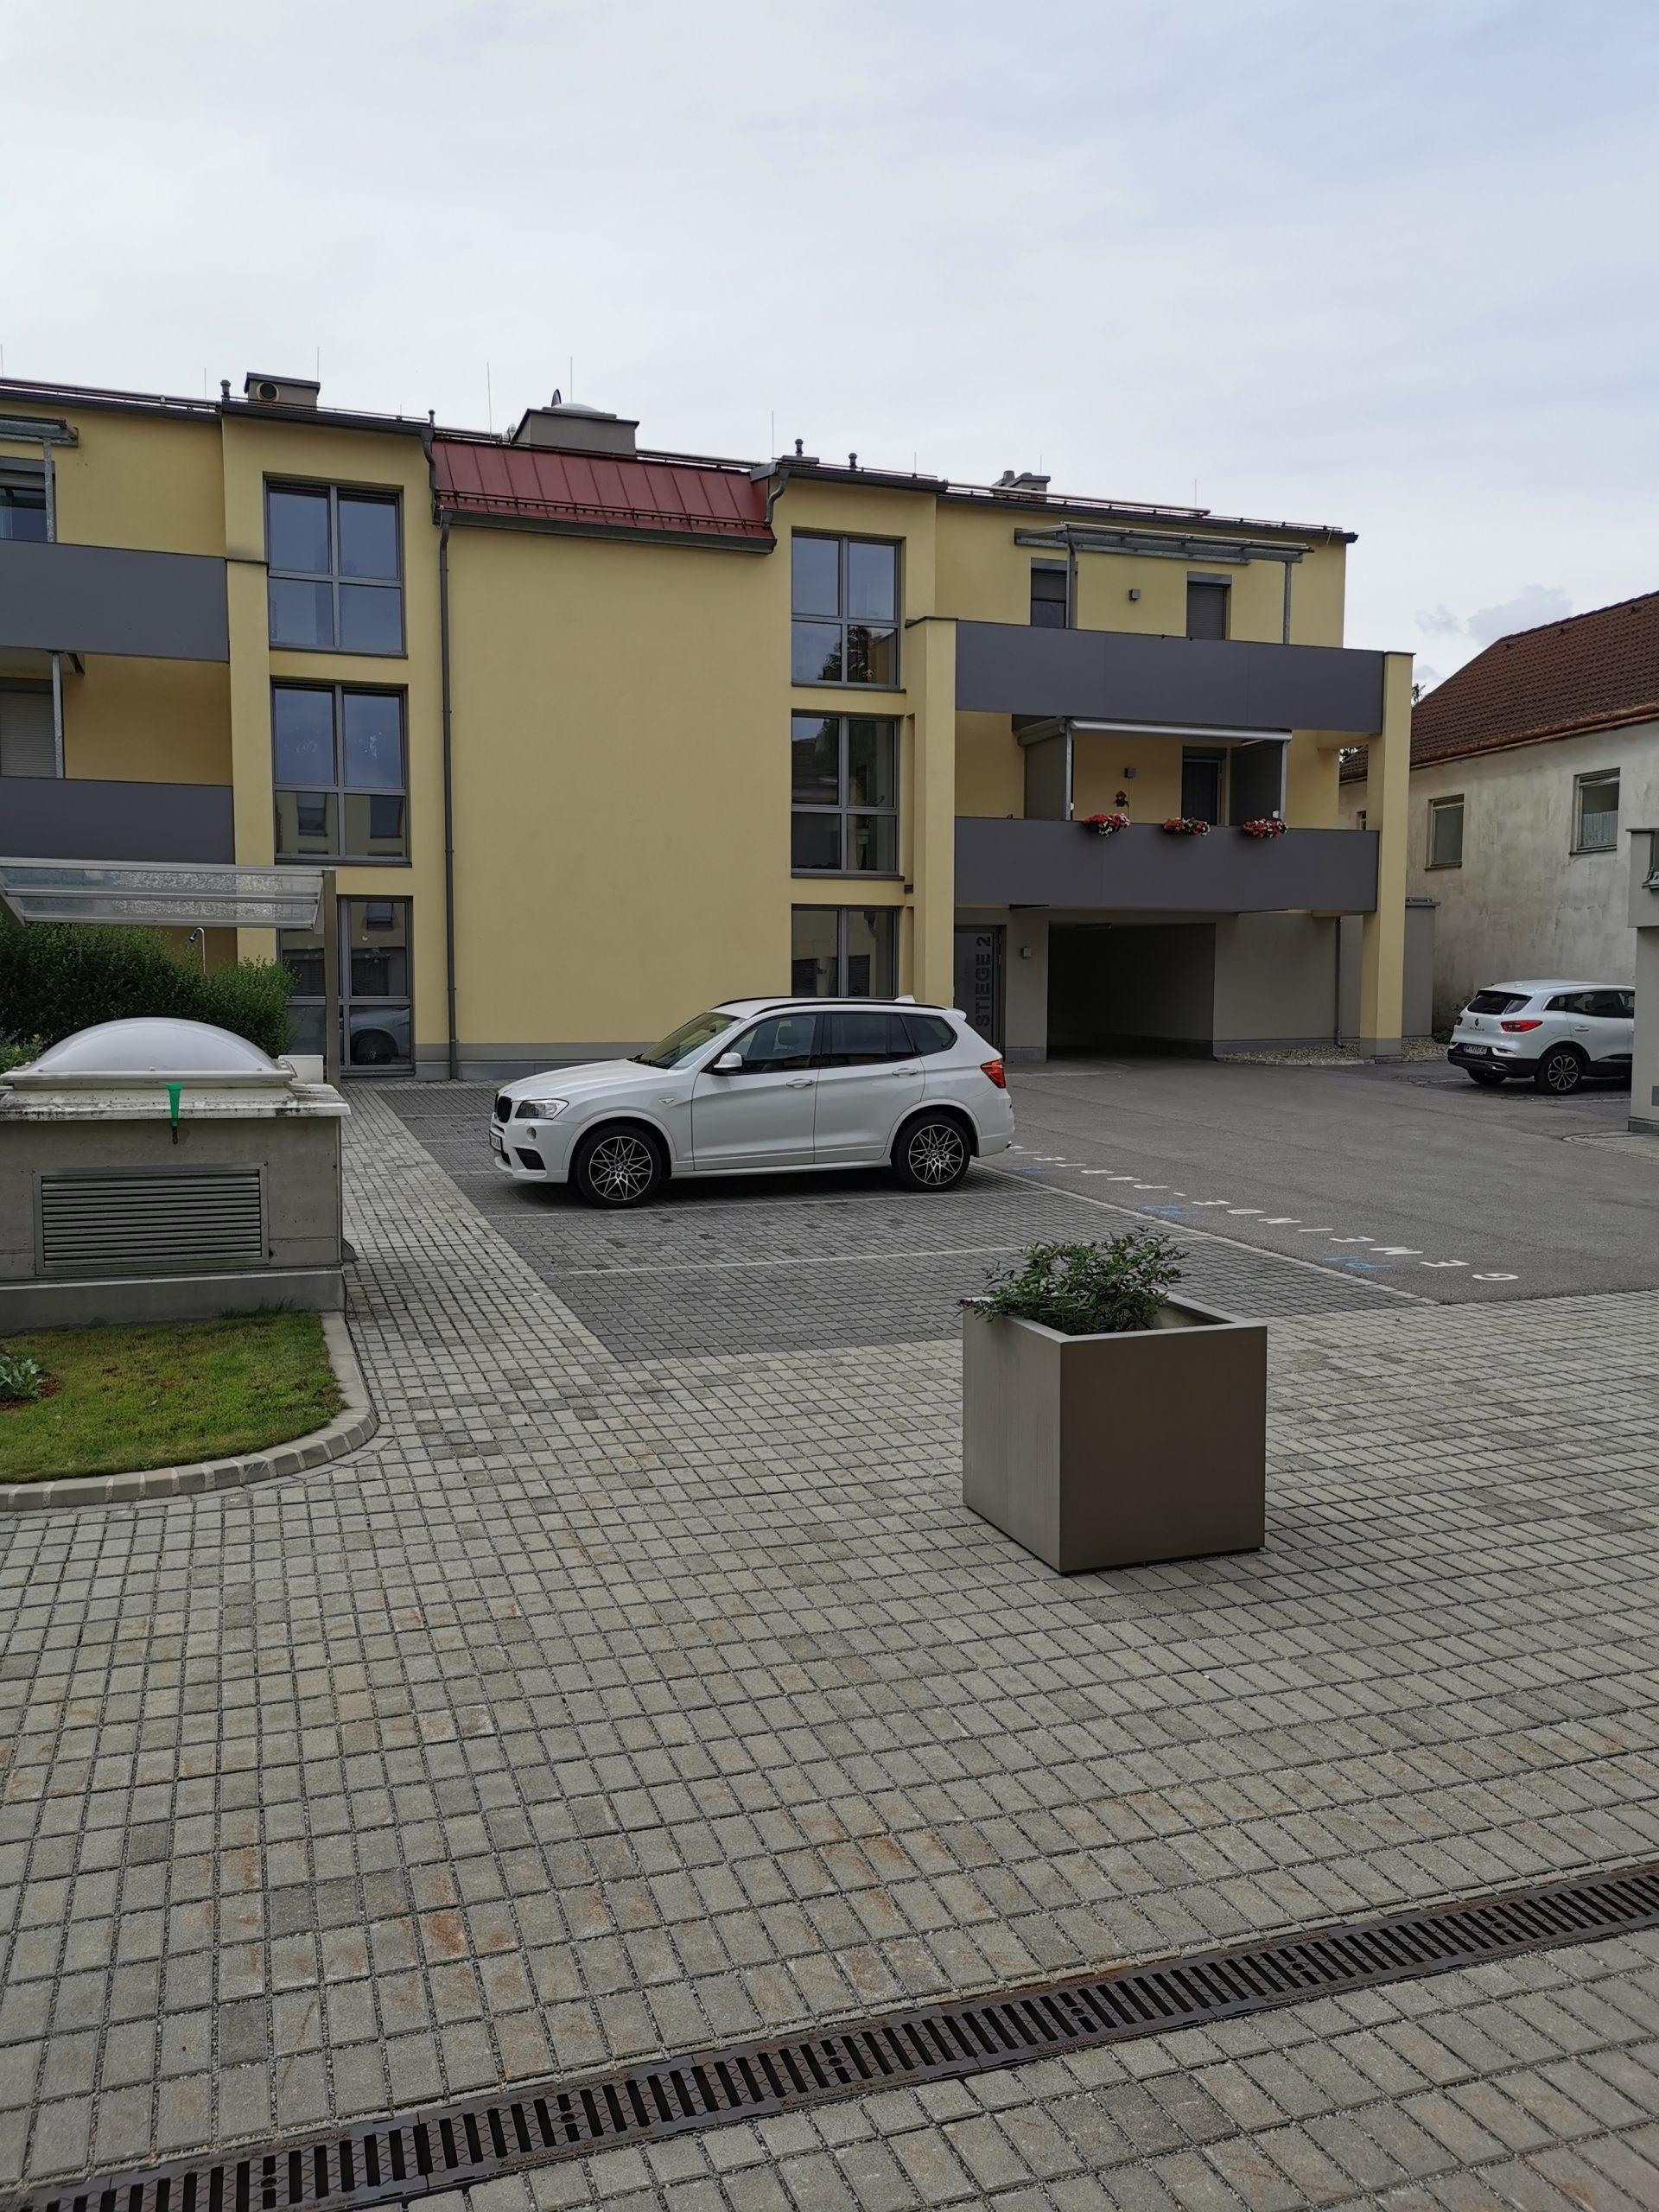 Immobilie von Kamptal in 2193 Wilfersdorf, Mistelbach, Wilfersdorf II - Top 204 #3